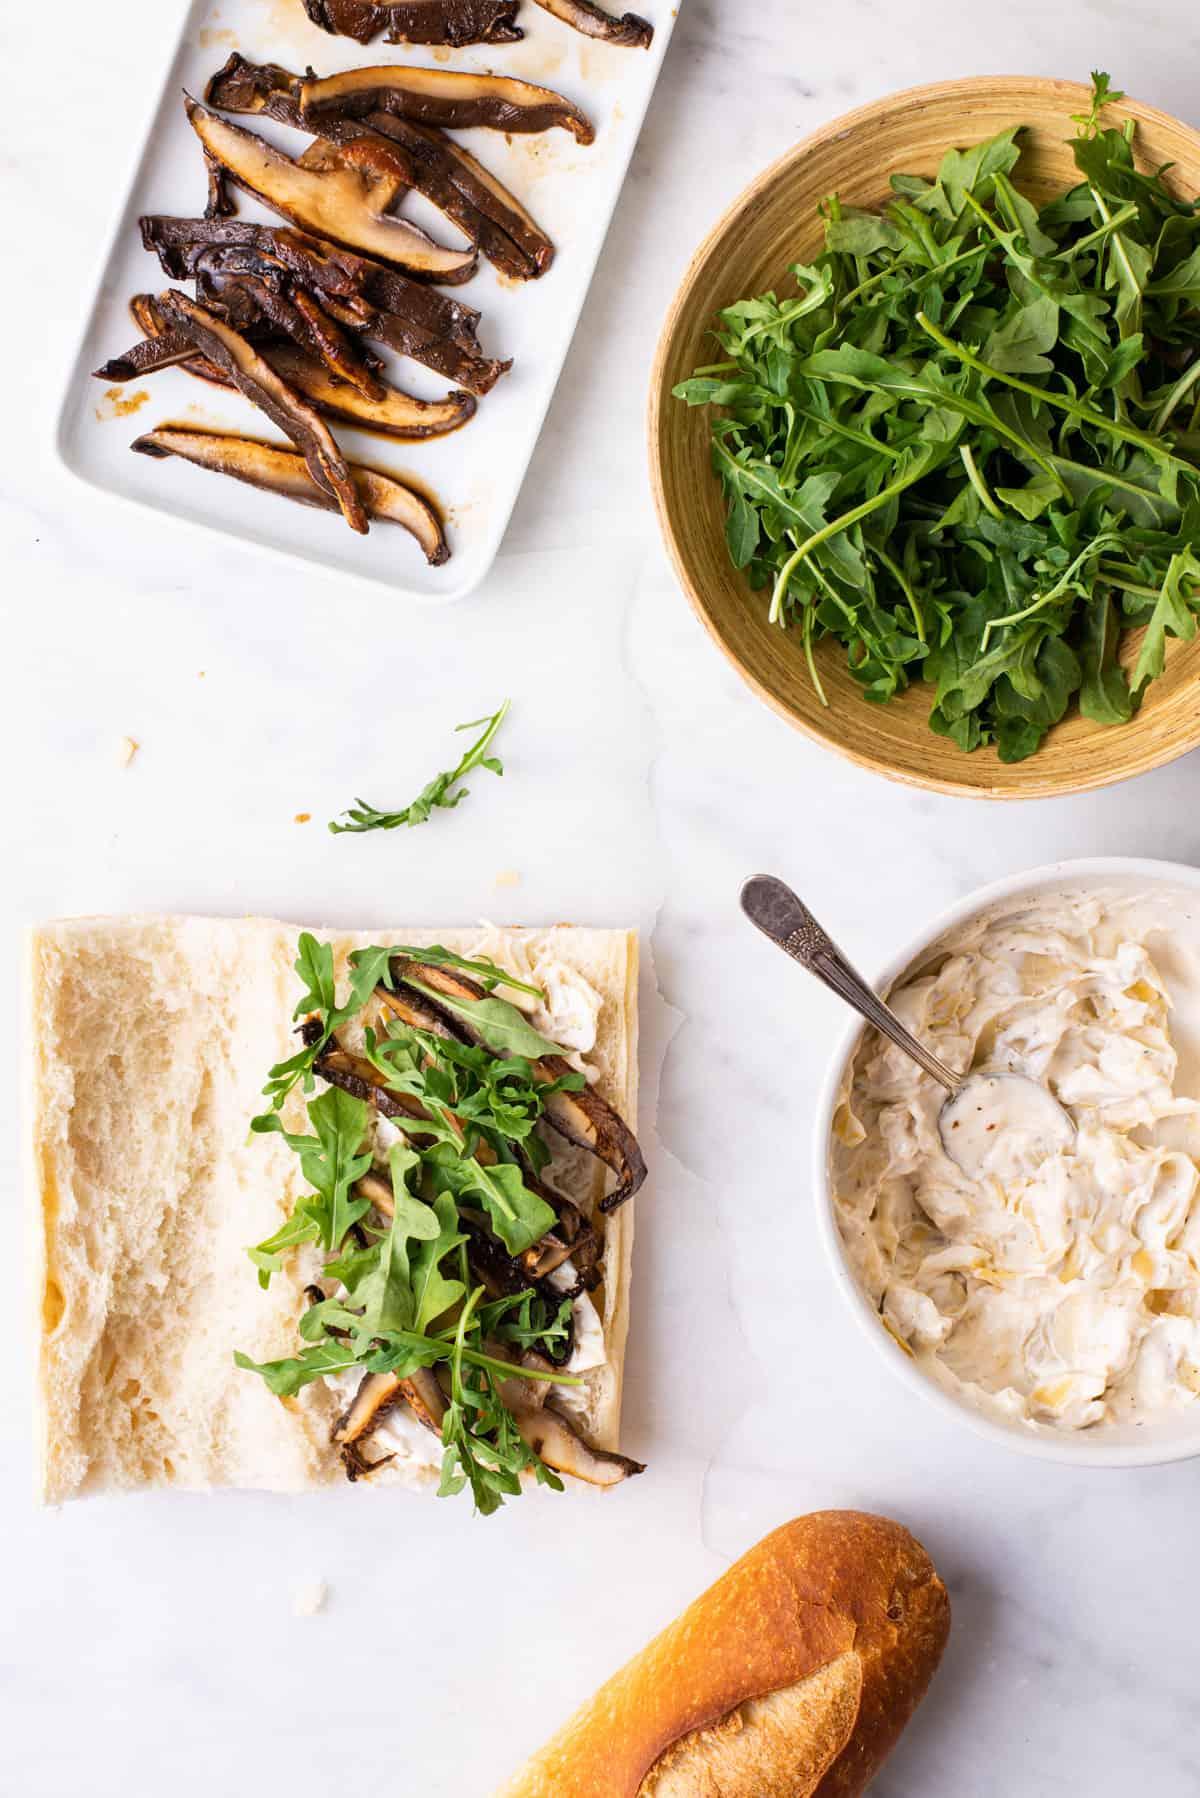 Assembling portobello sandwiches with arugula and artichoke mayo.